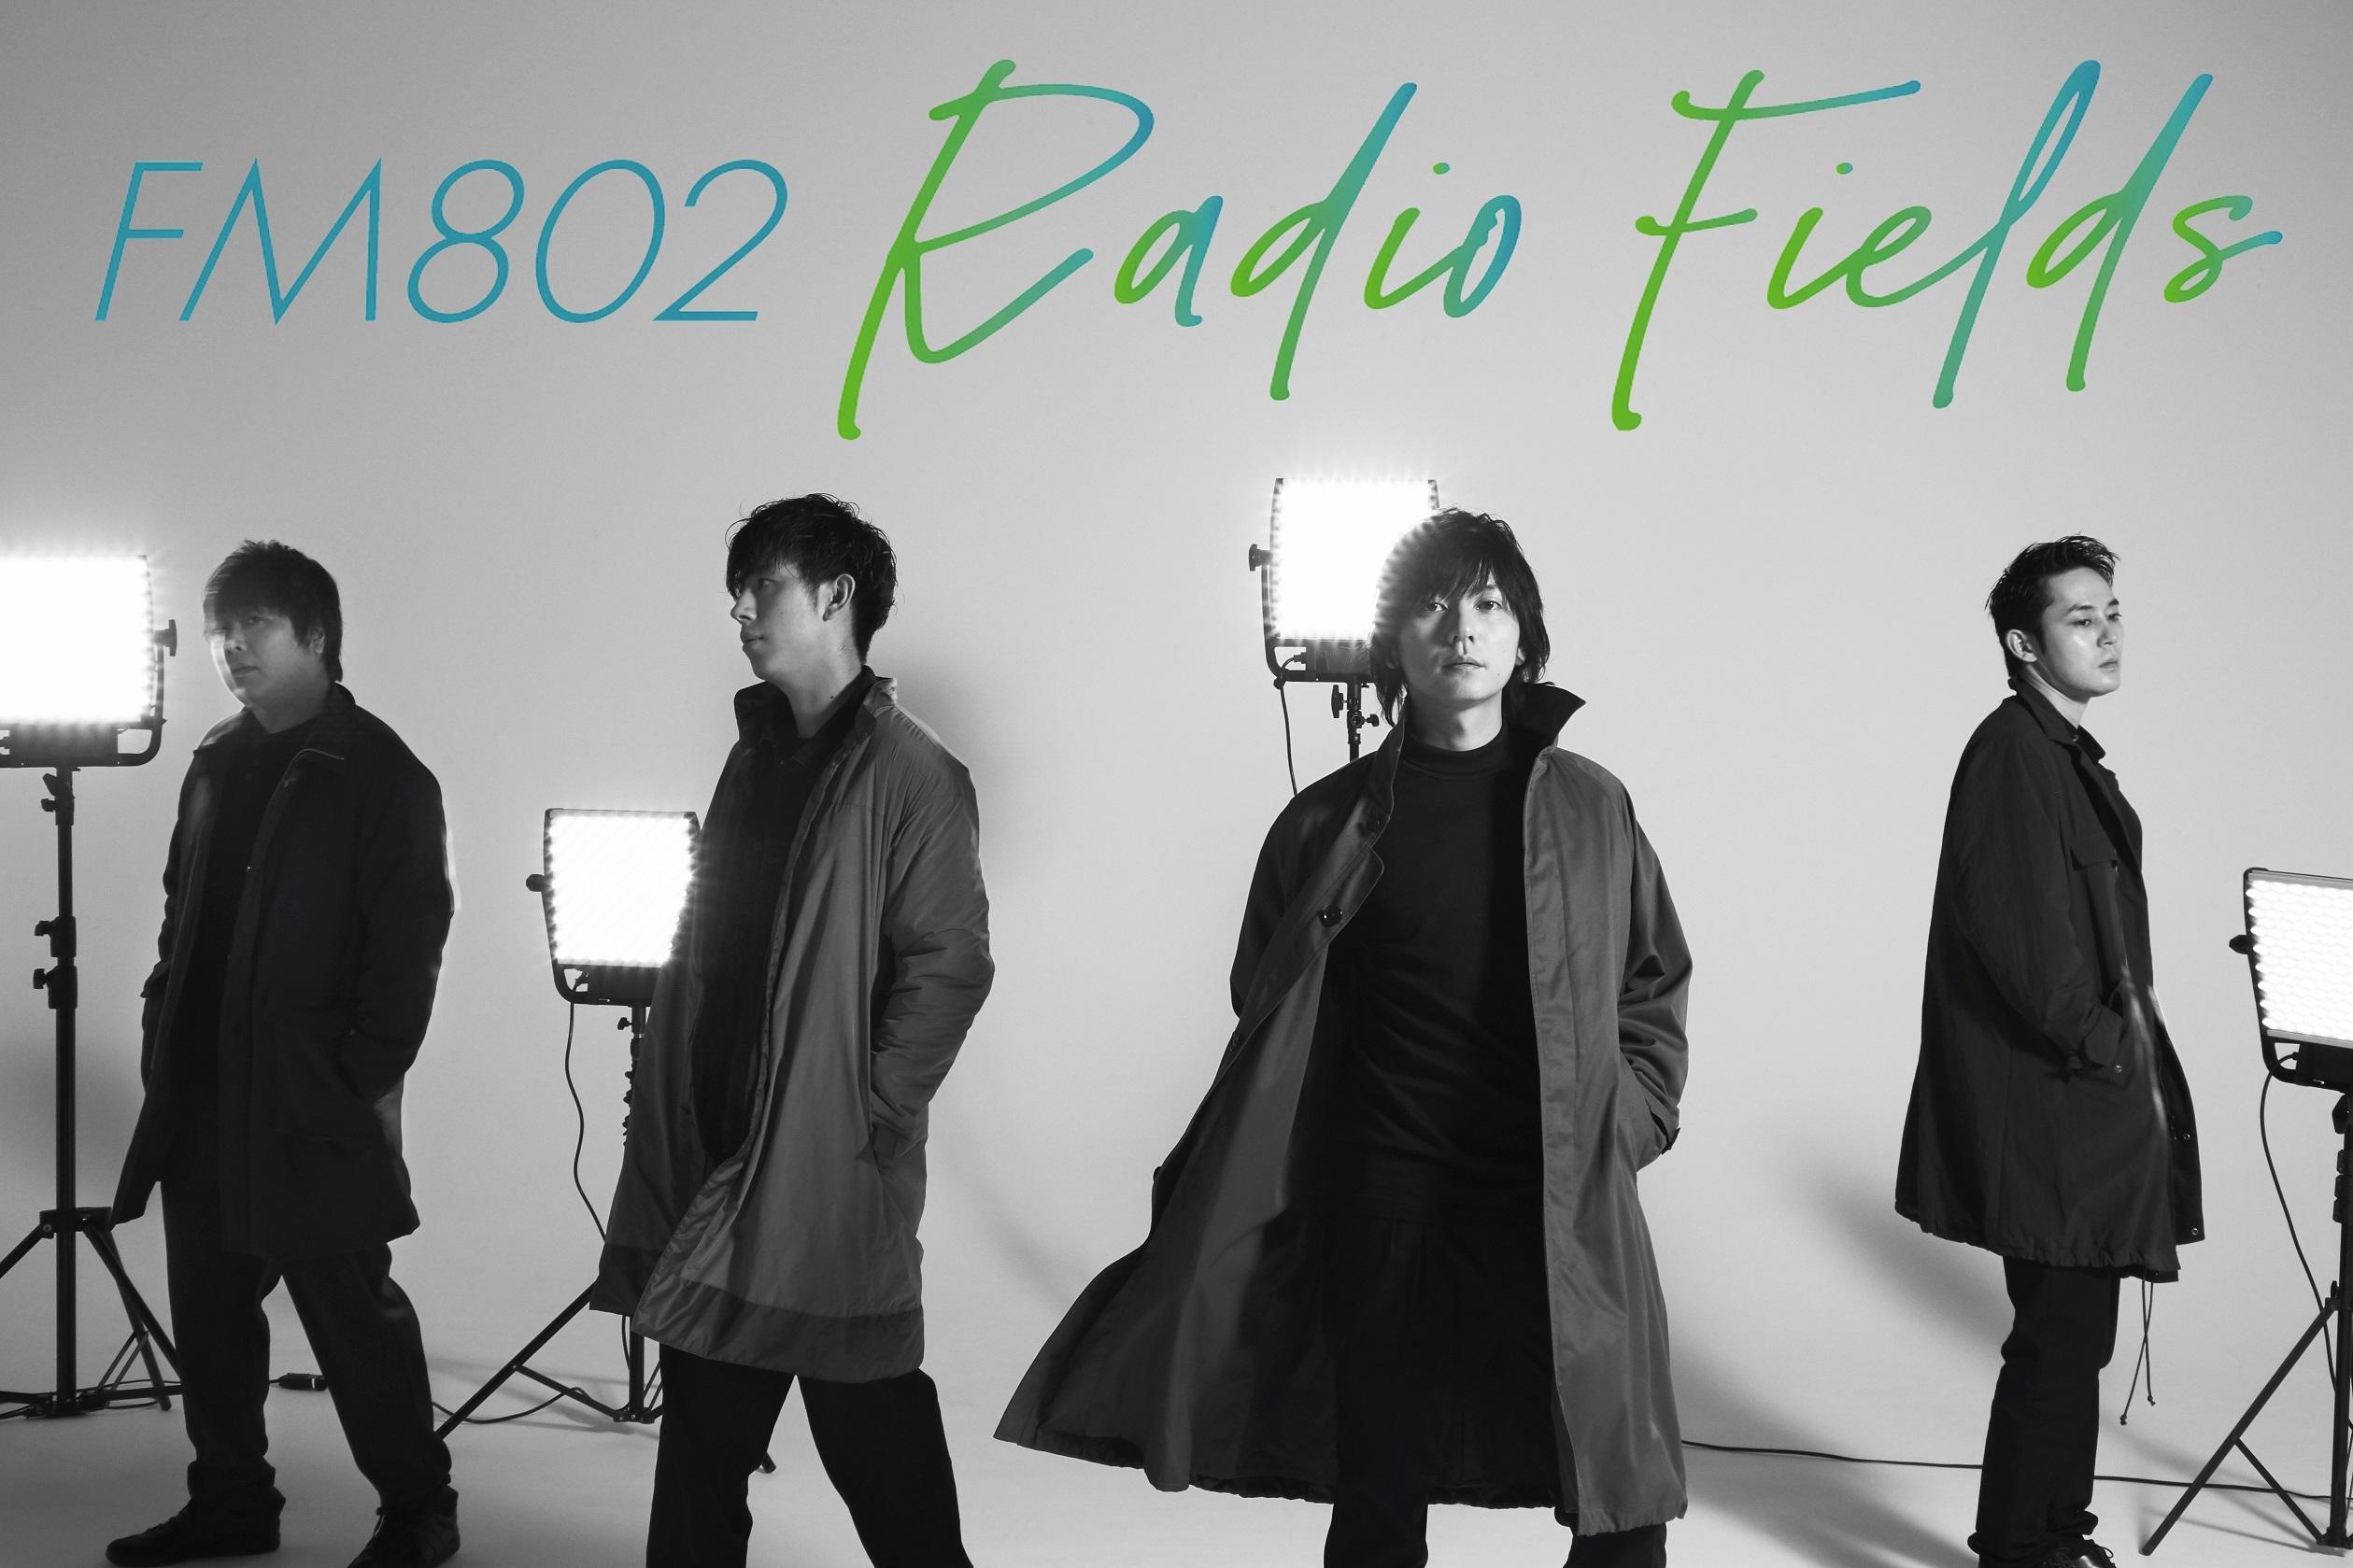 『FM802 Radio Fields』